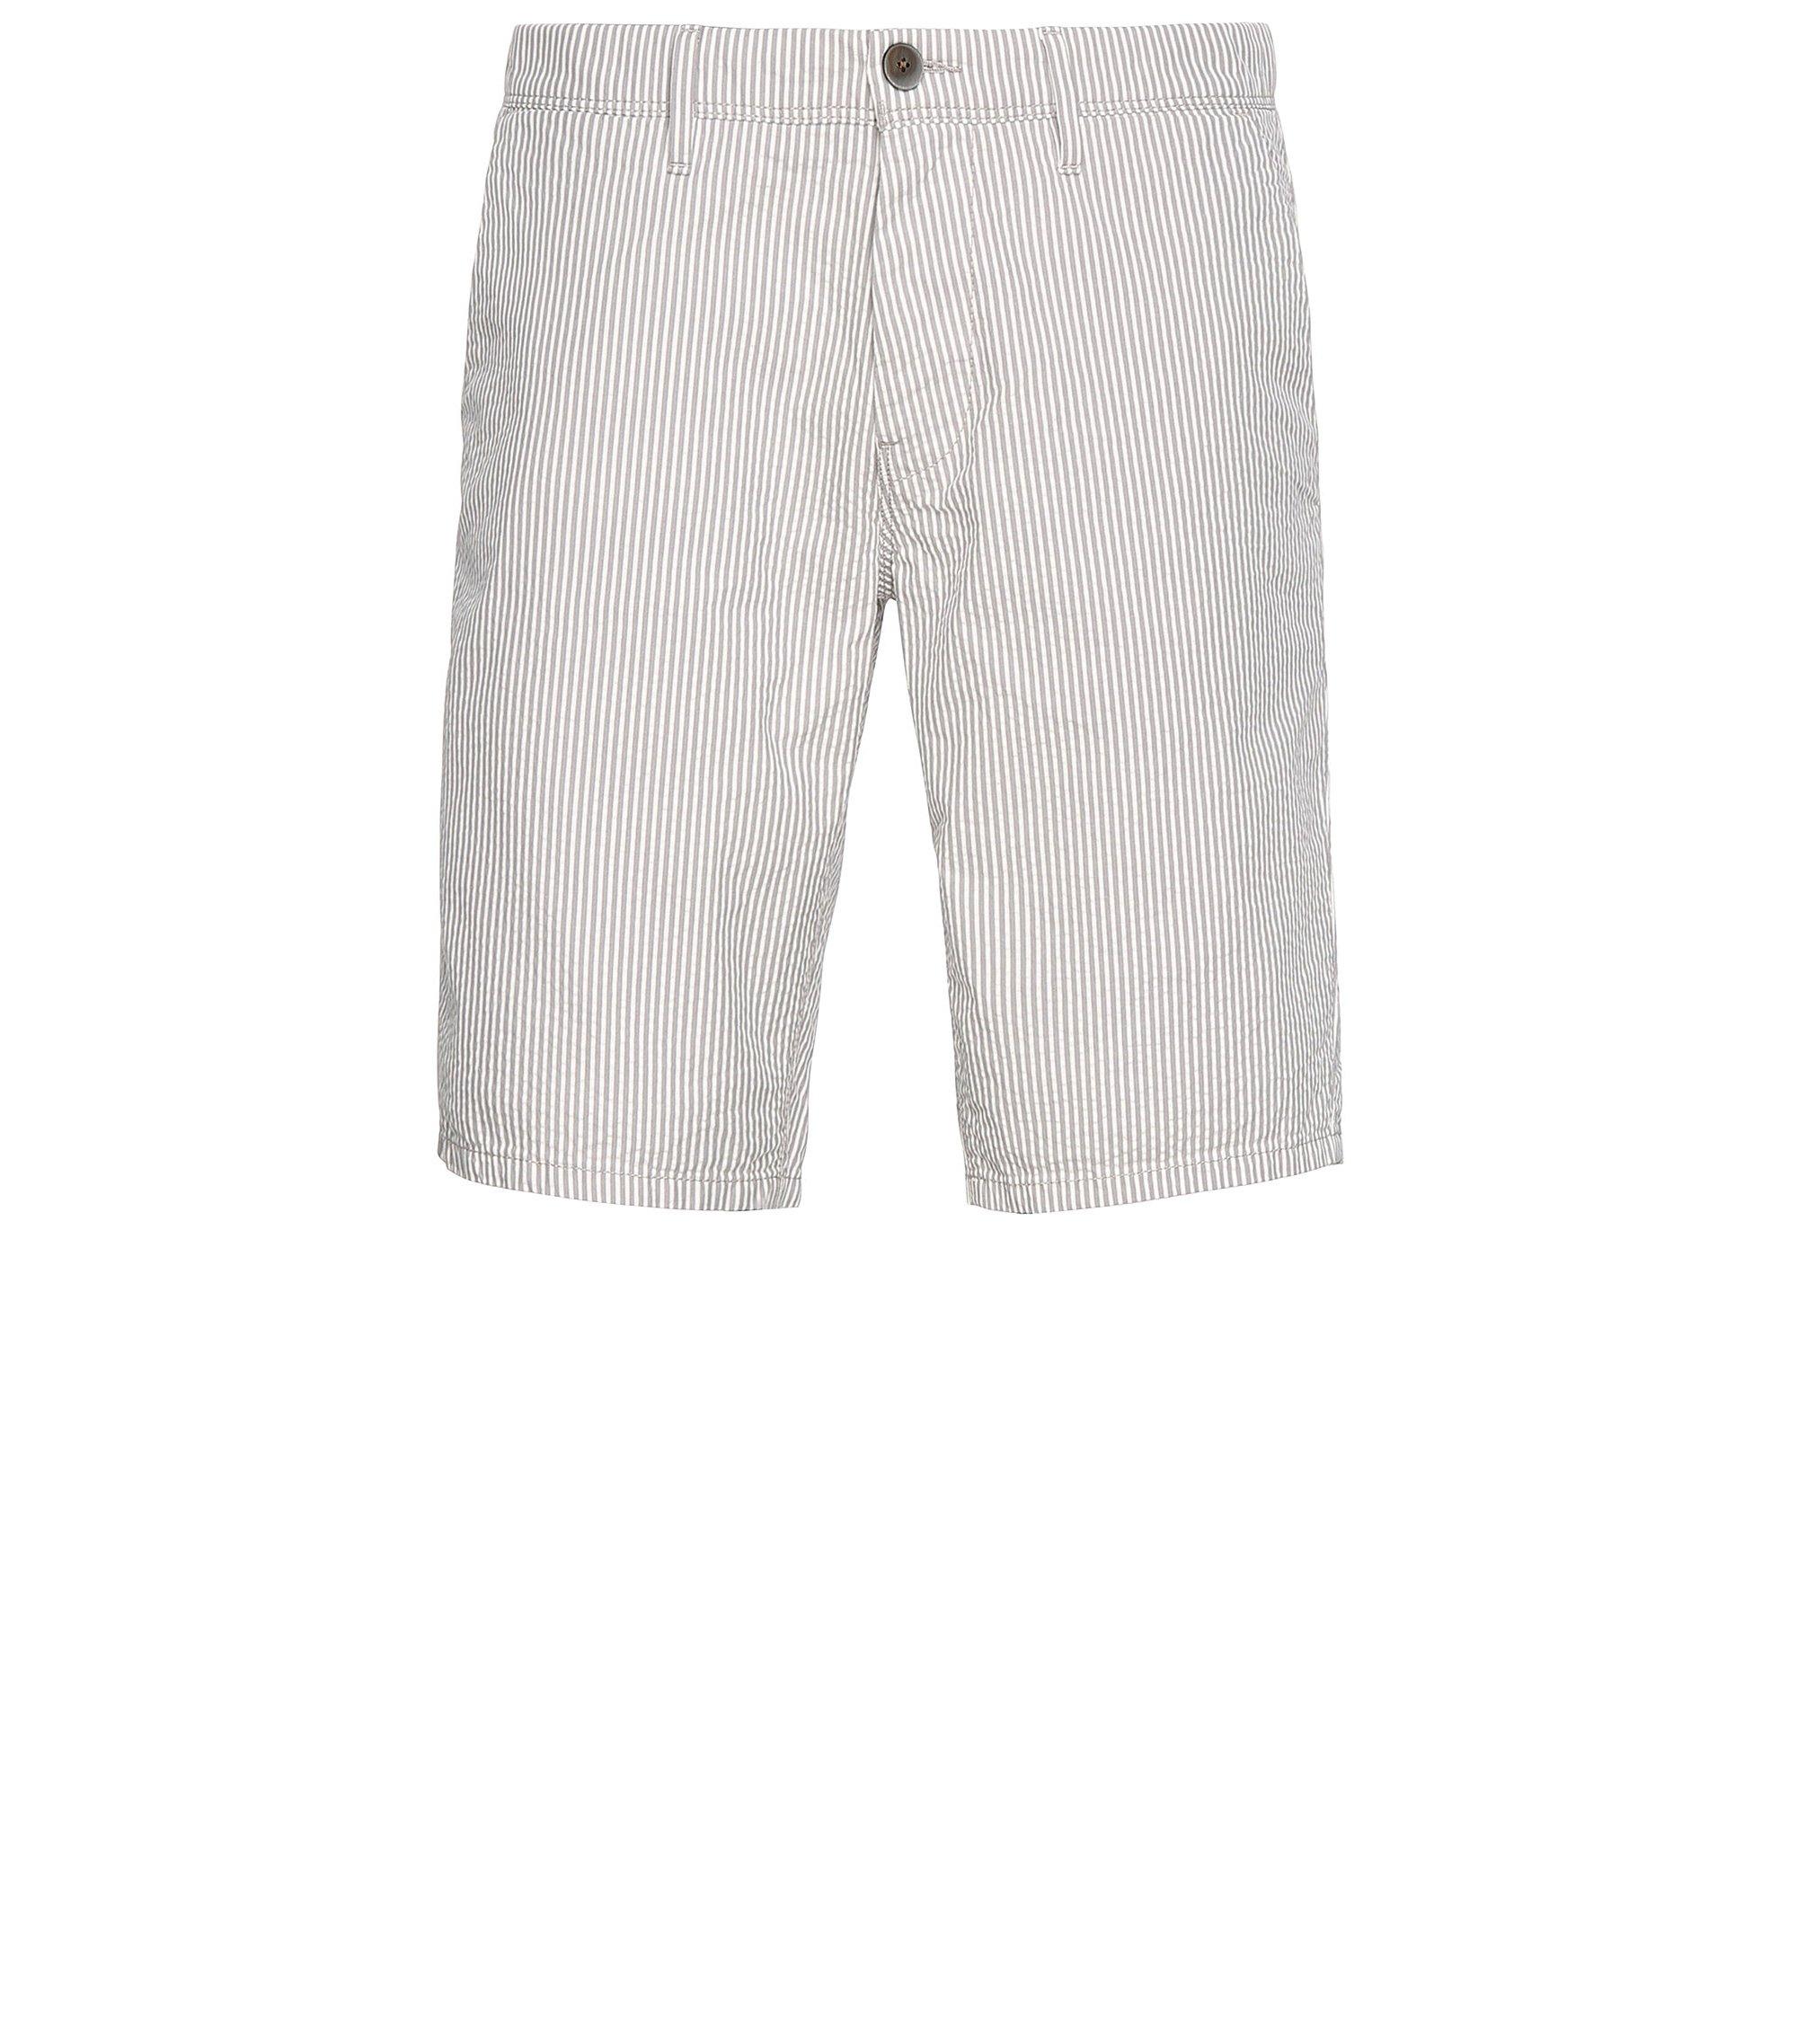 Seersucker Cotton Shorts | Slender Shorts W, Open White